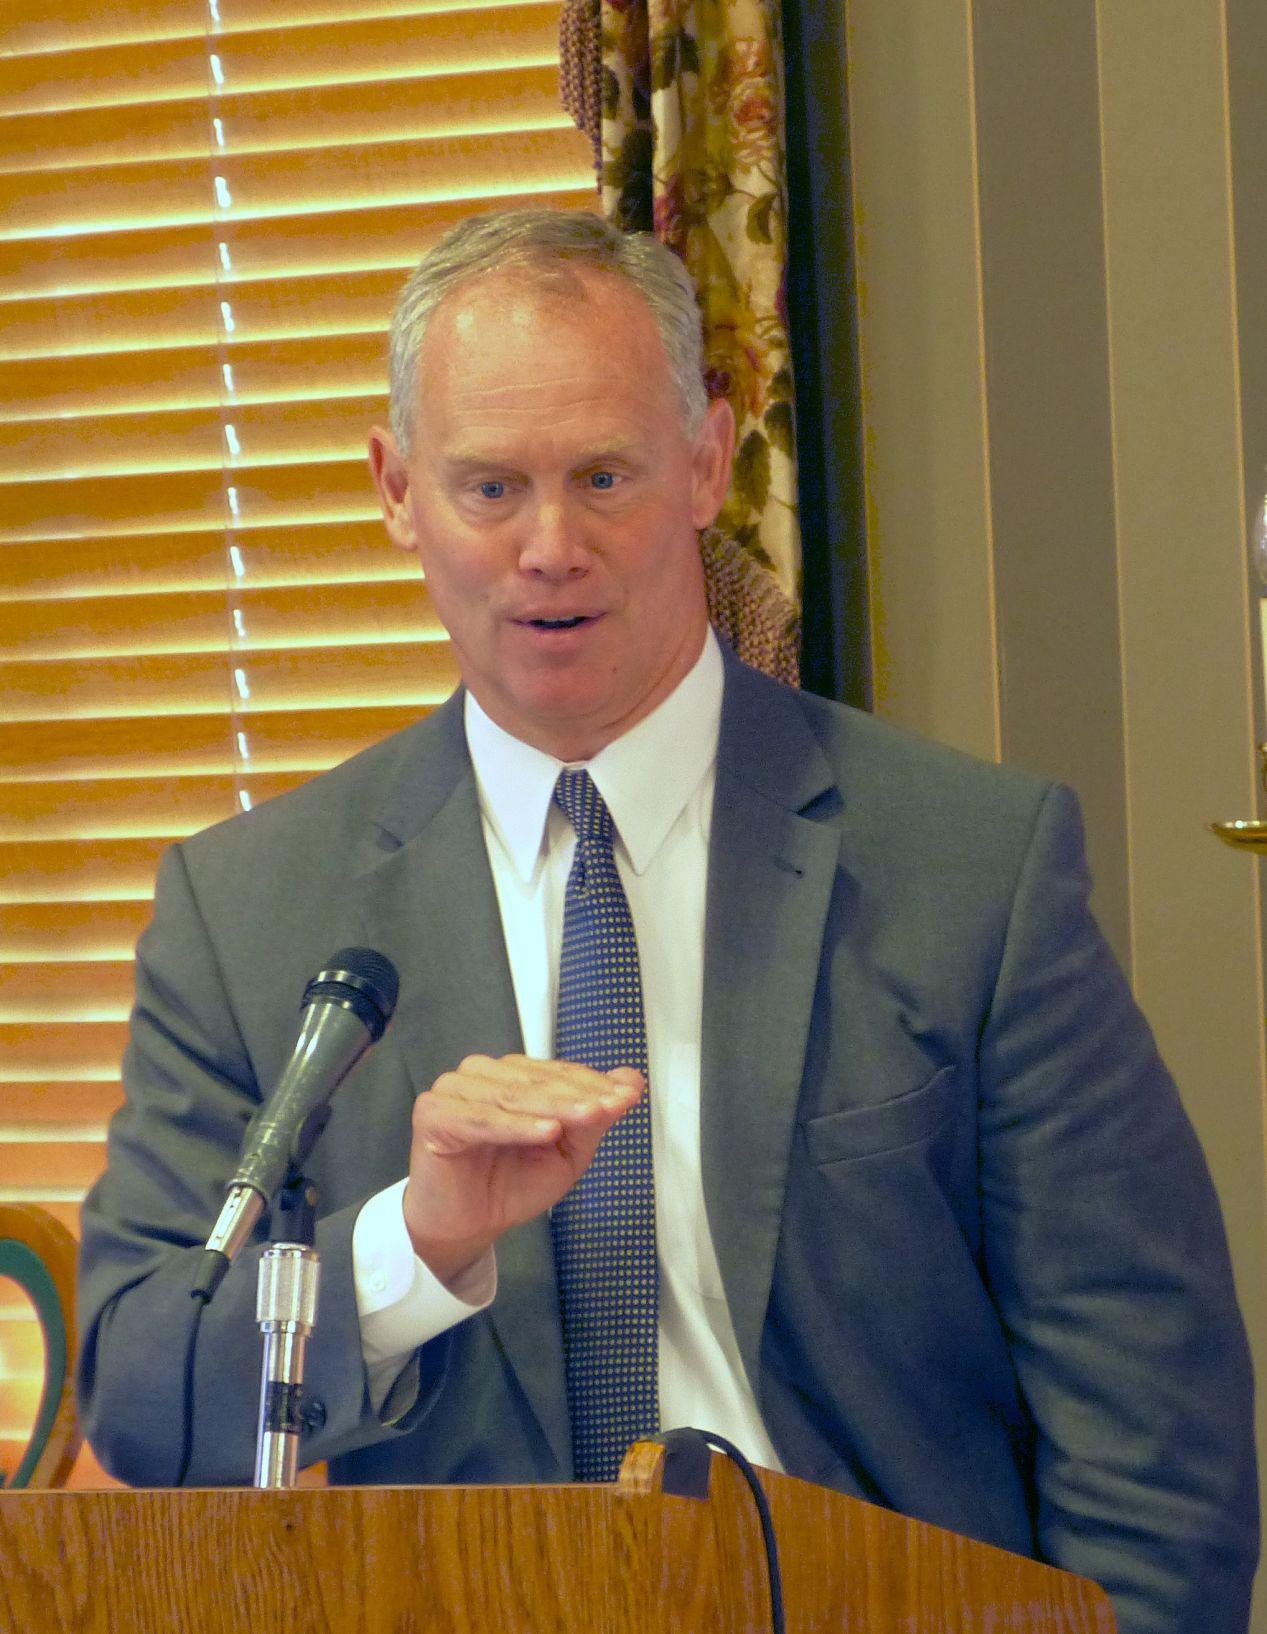 State Rep. Mike Turzai